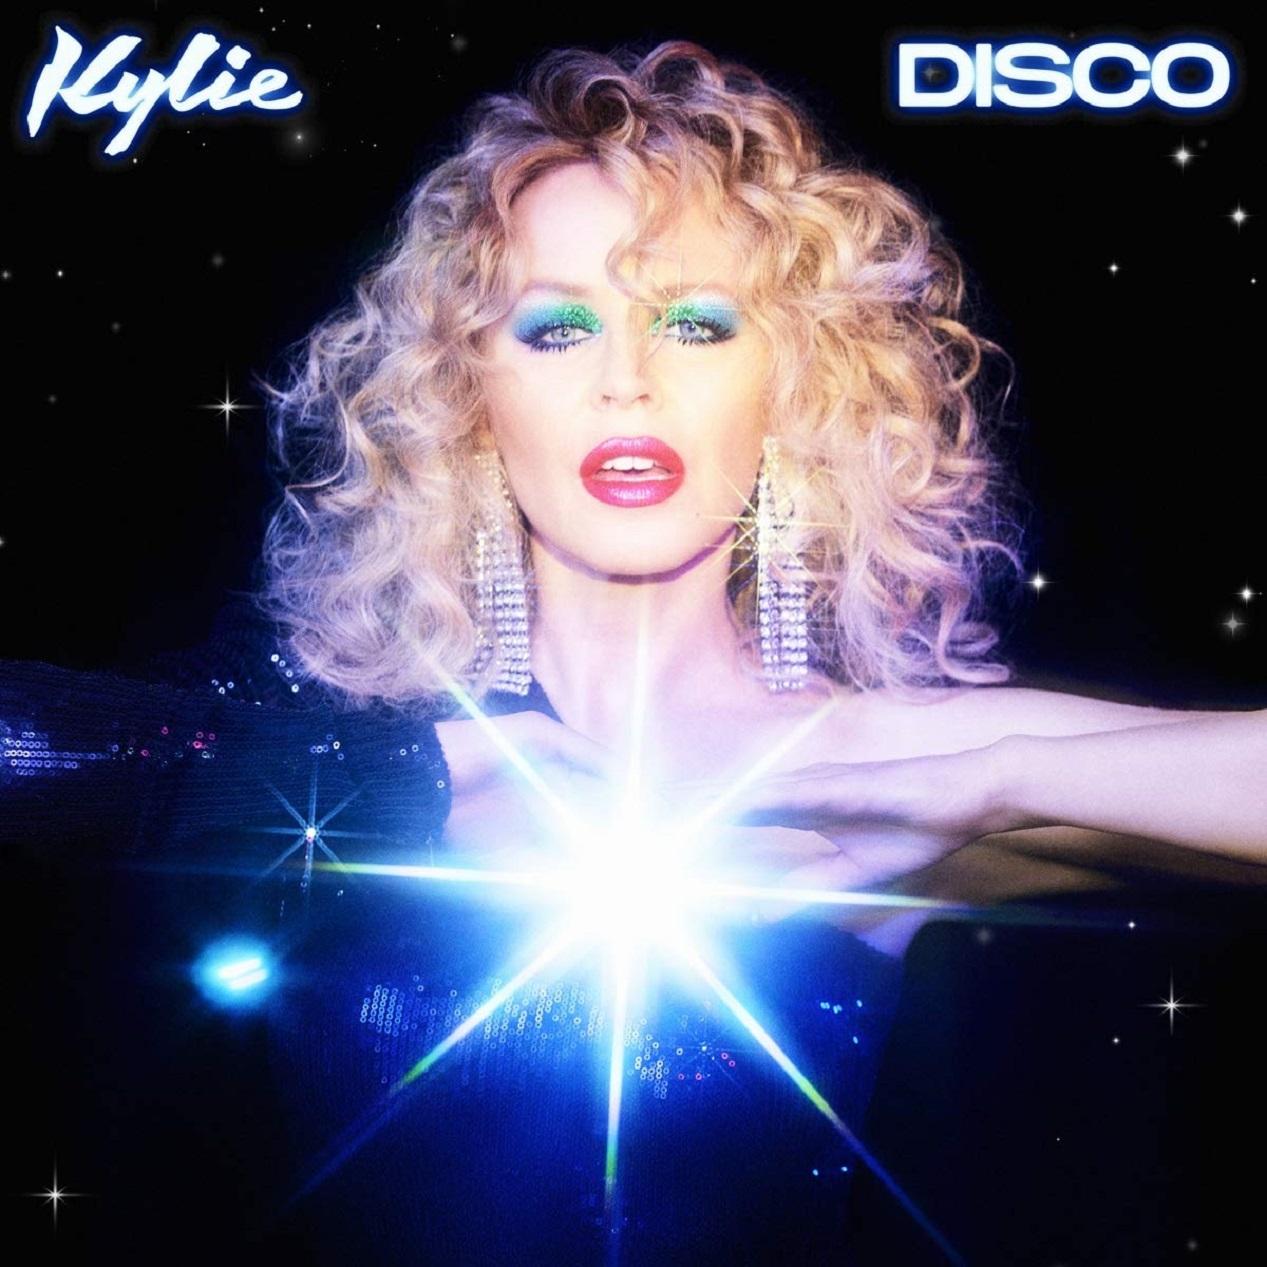 Kylie Minogue en pochette de son nouvel album Disco